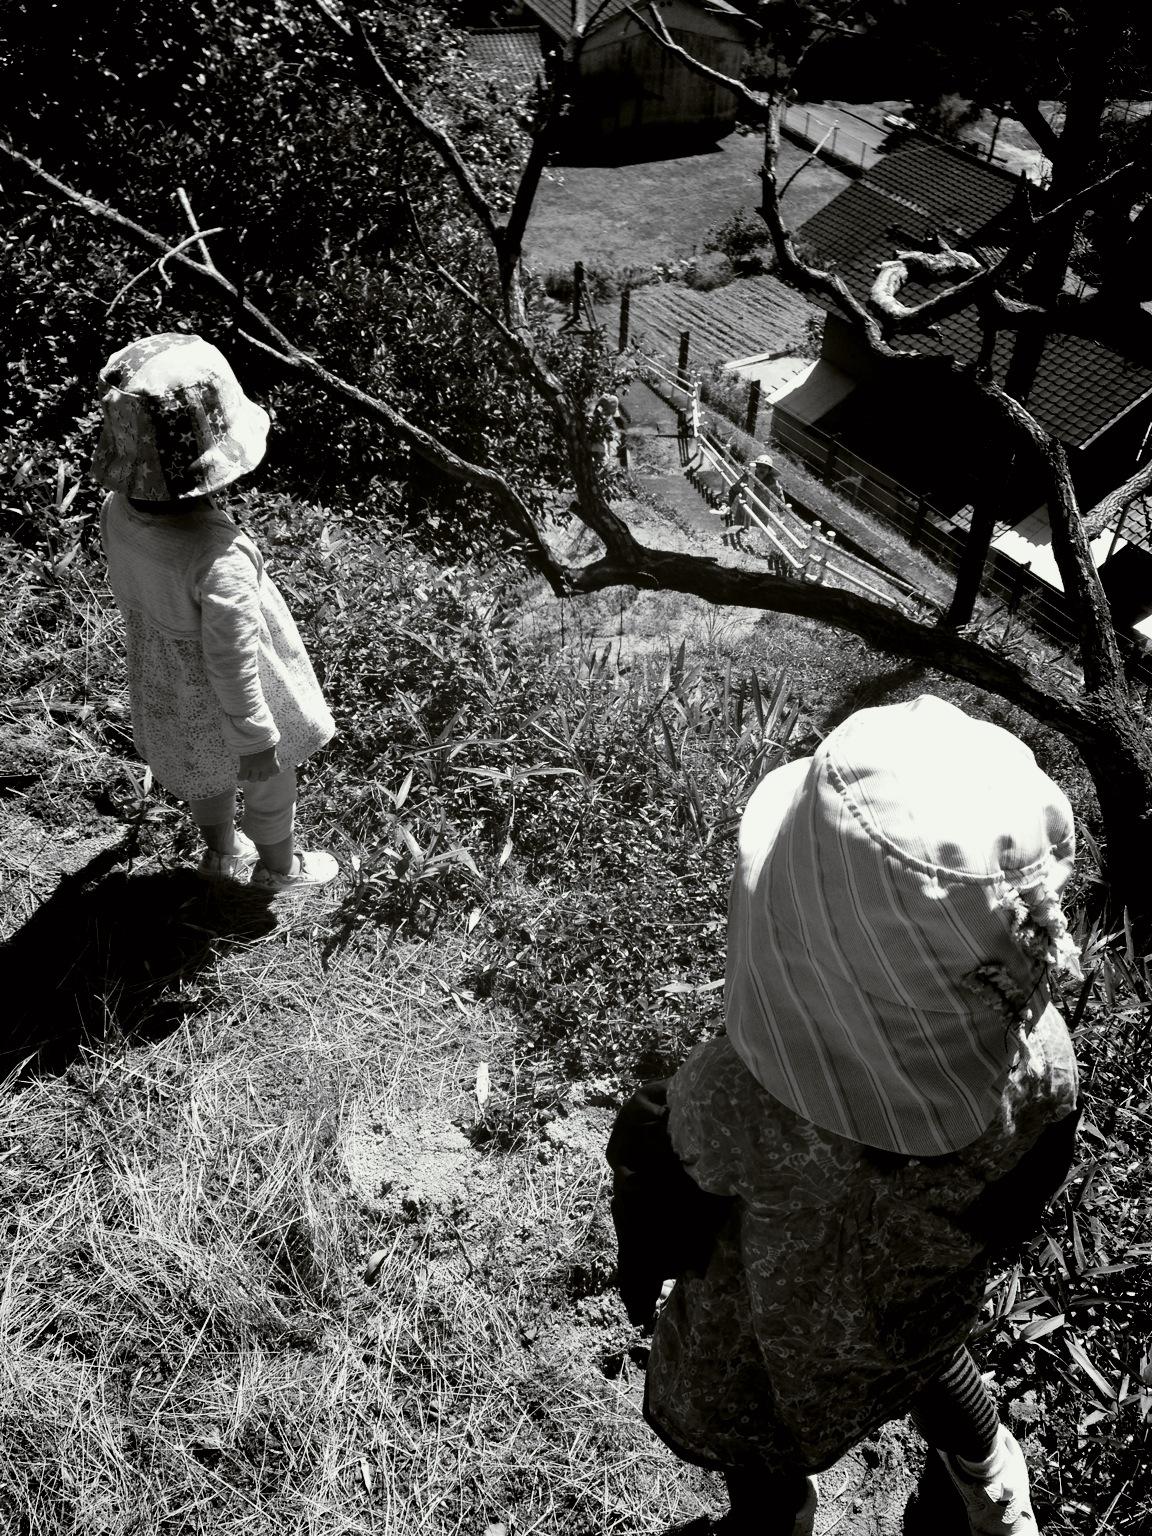 三箇山の木酢